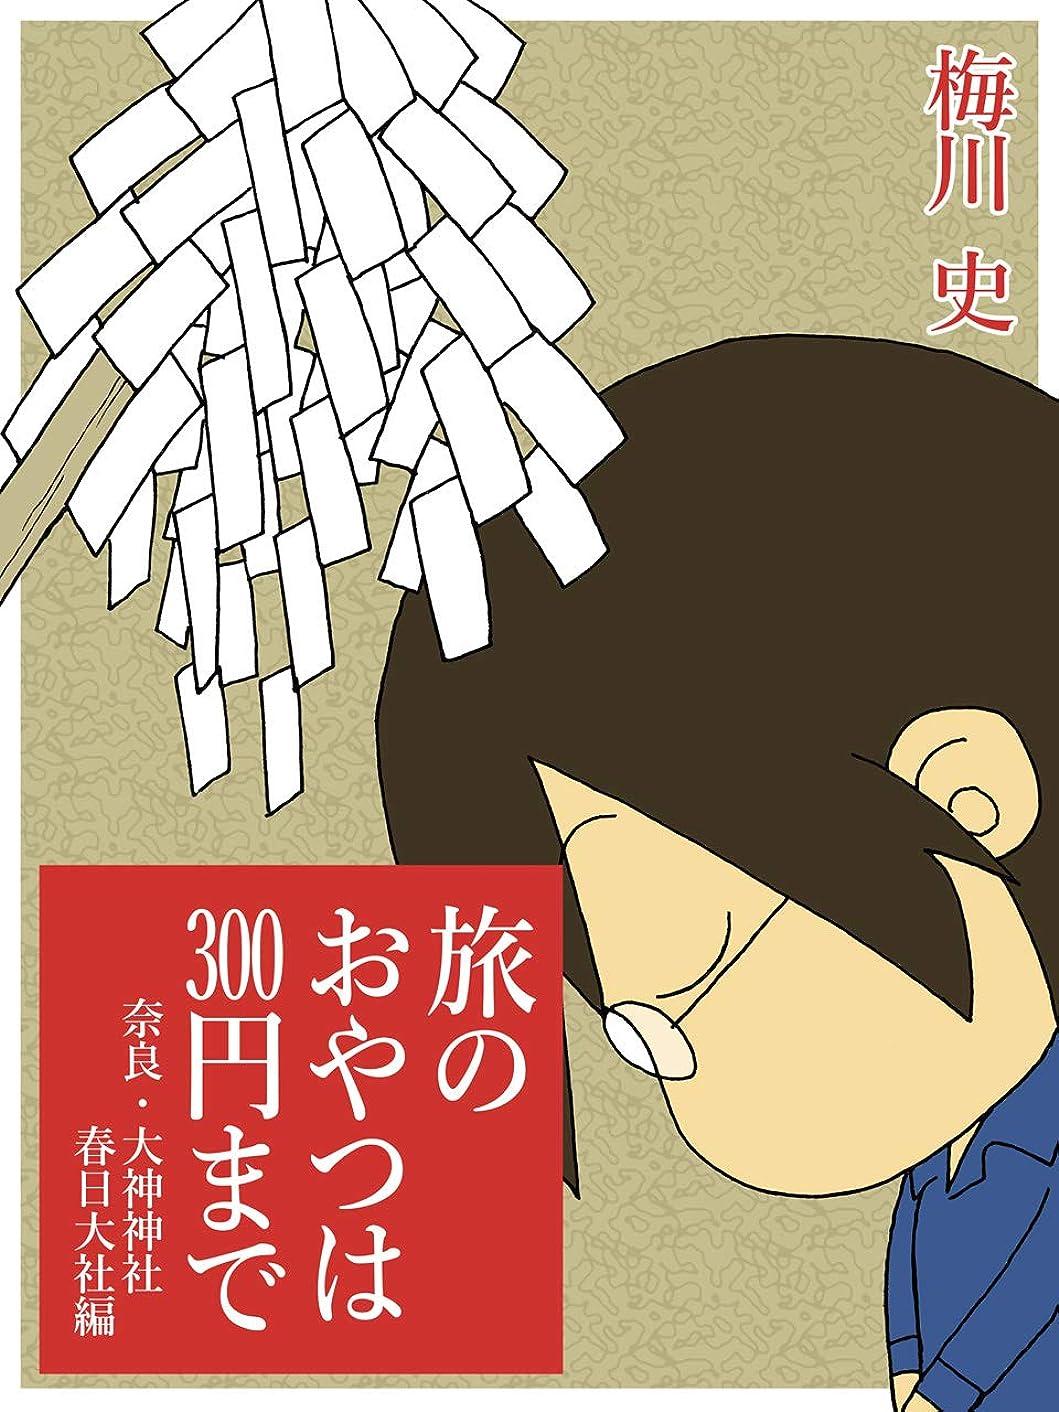 無条件自我連続的旅のおやつは300円まで: 奈良?大神神社+春日大社編